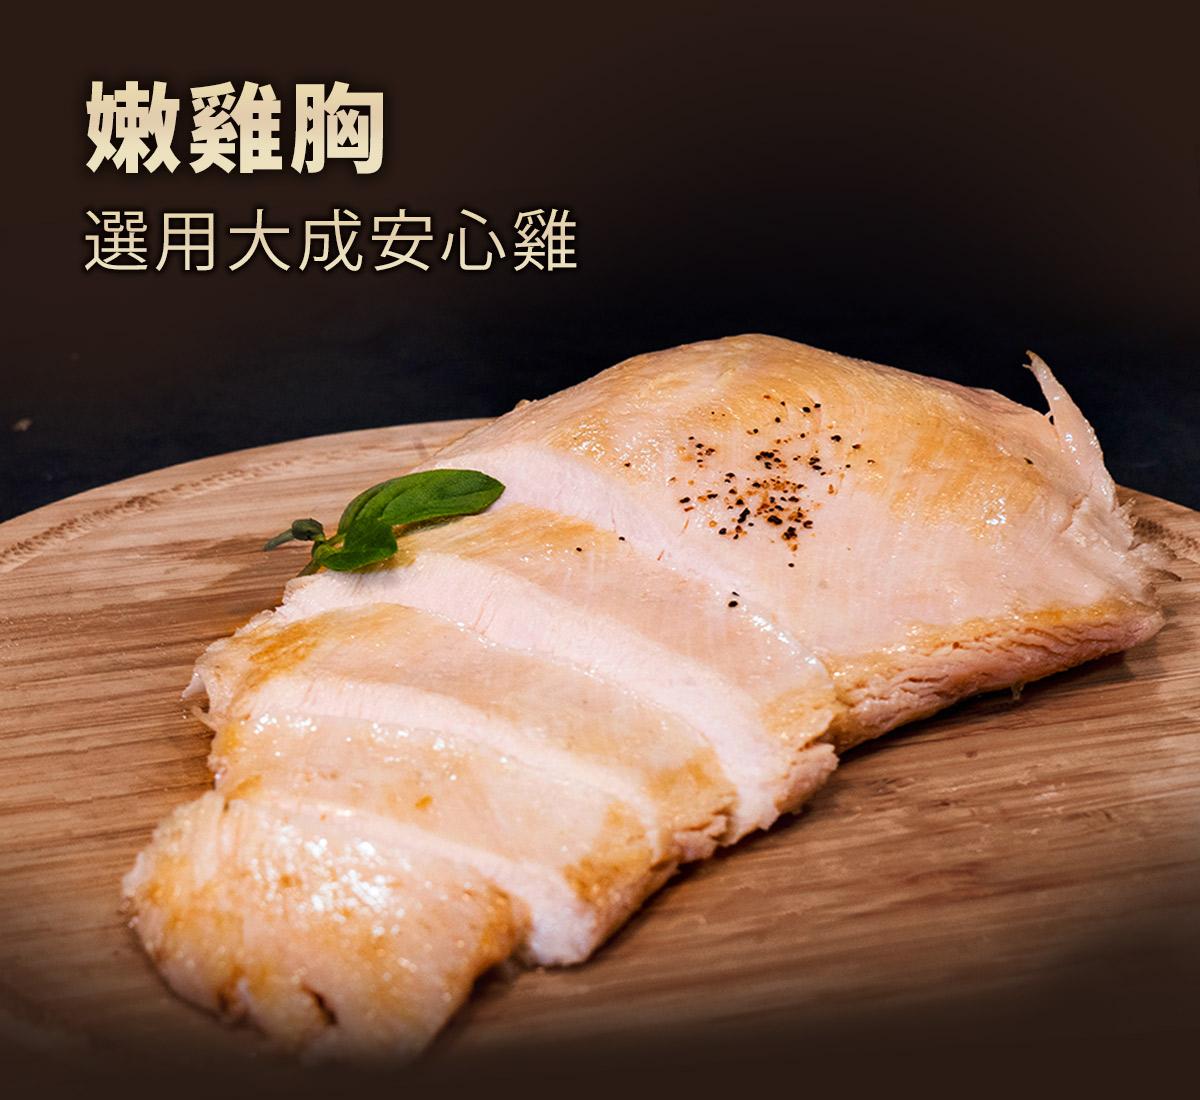 [老饕廚房] 低溫烹調(舒肥)水嫩雞胸100g/包